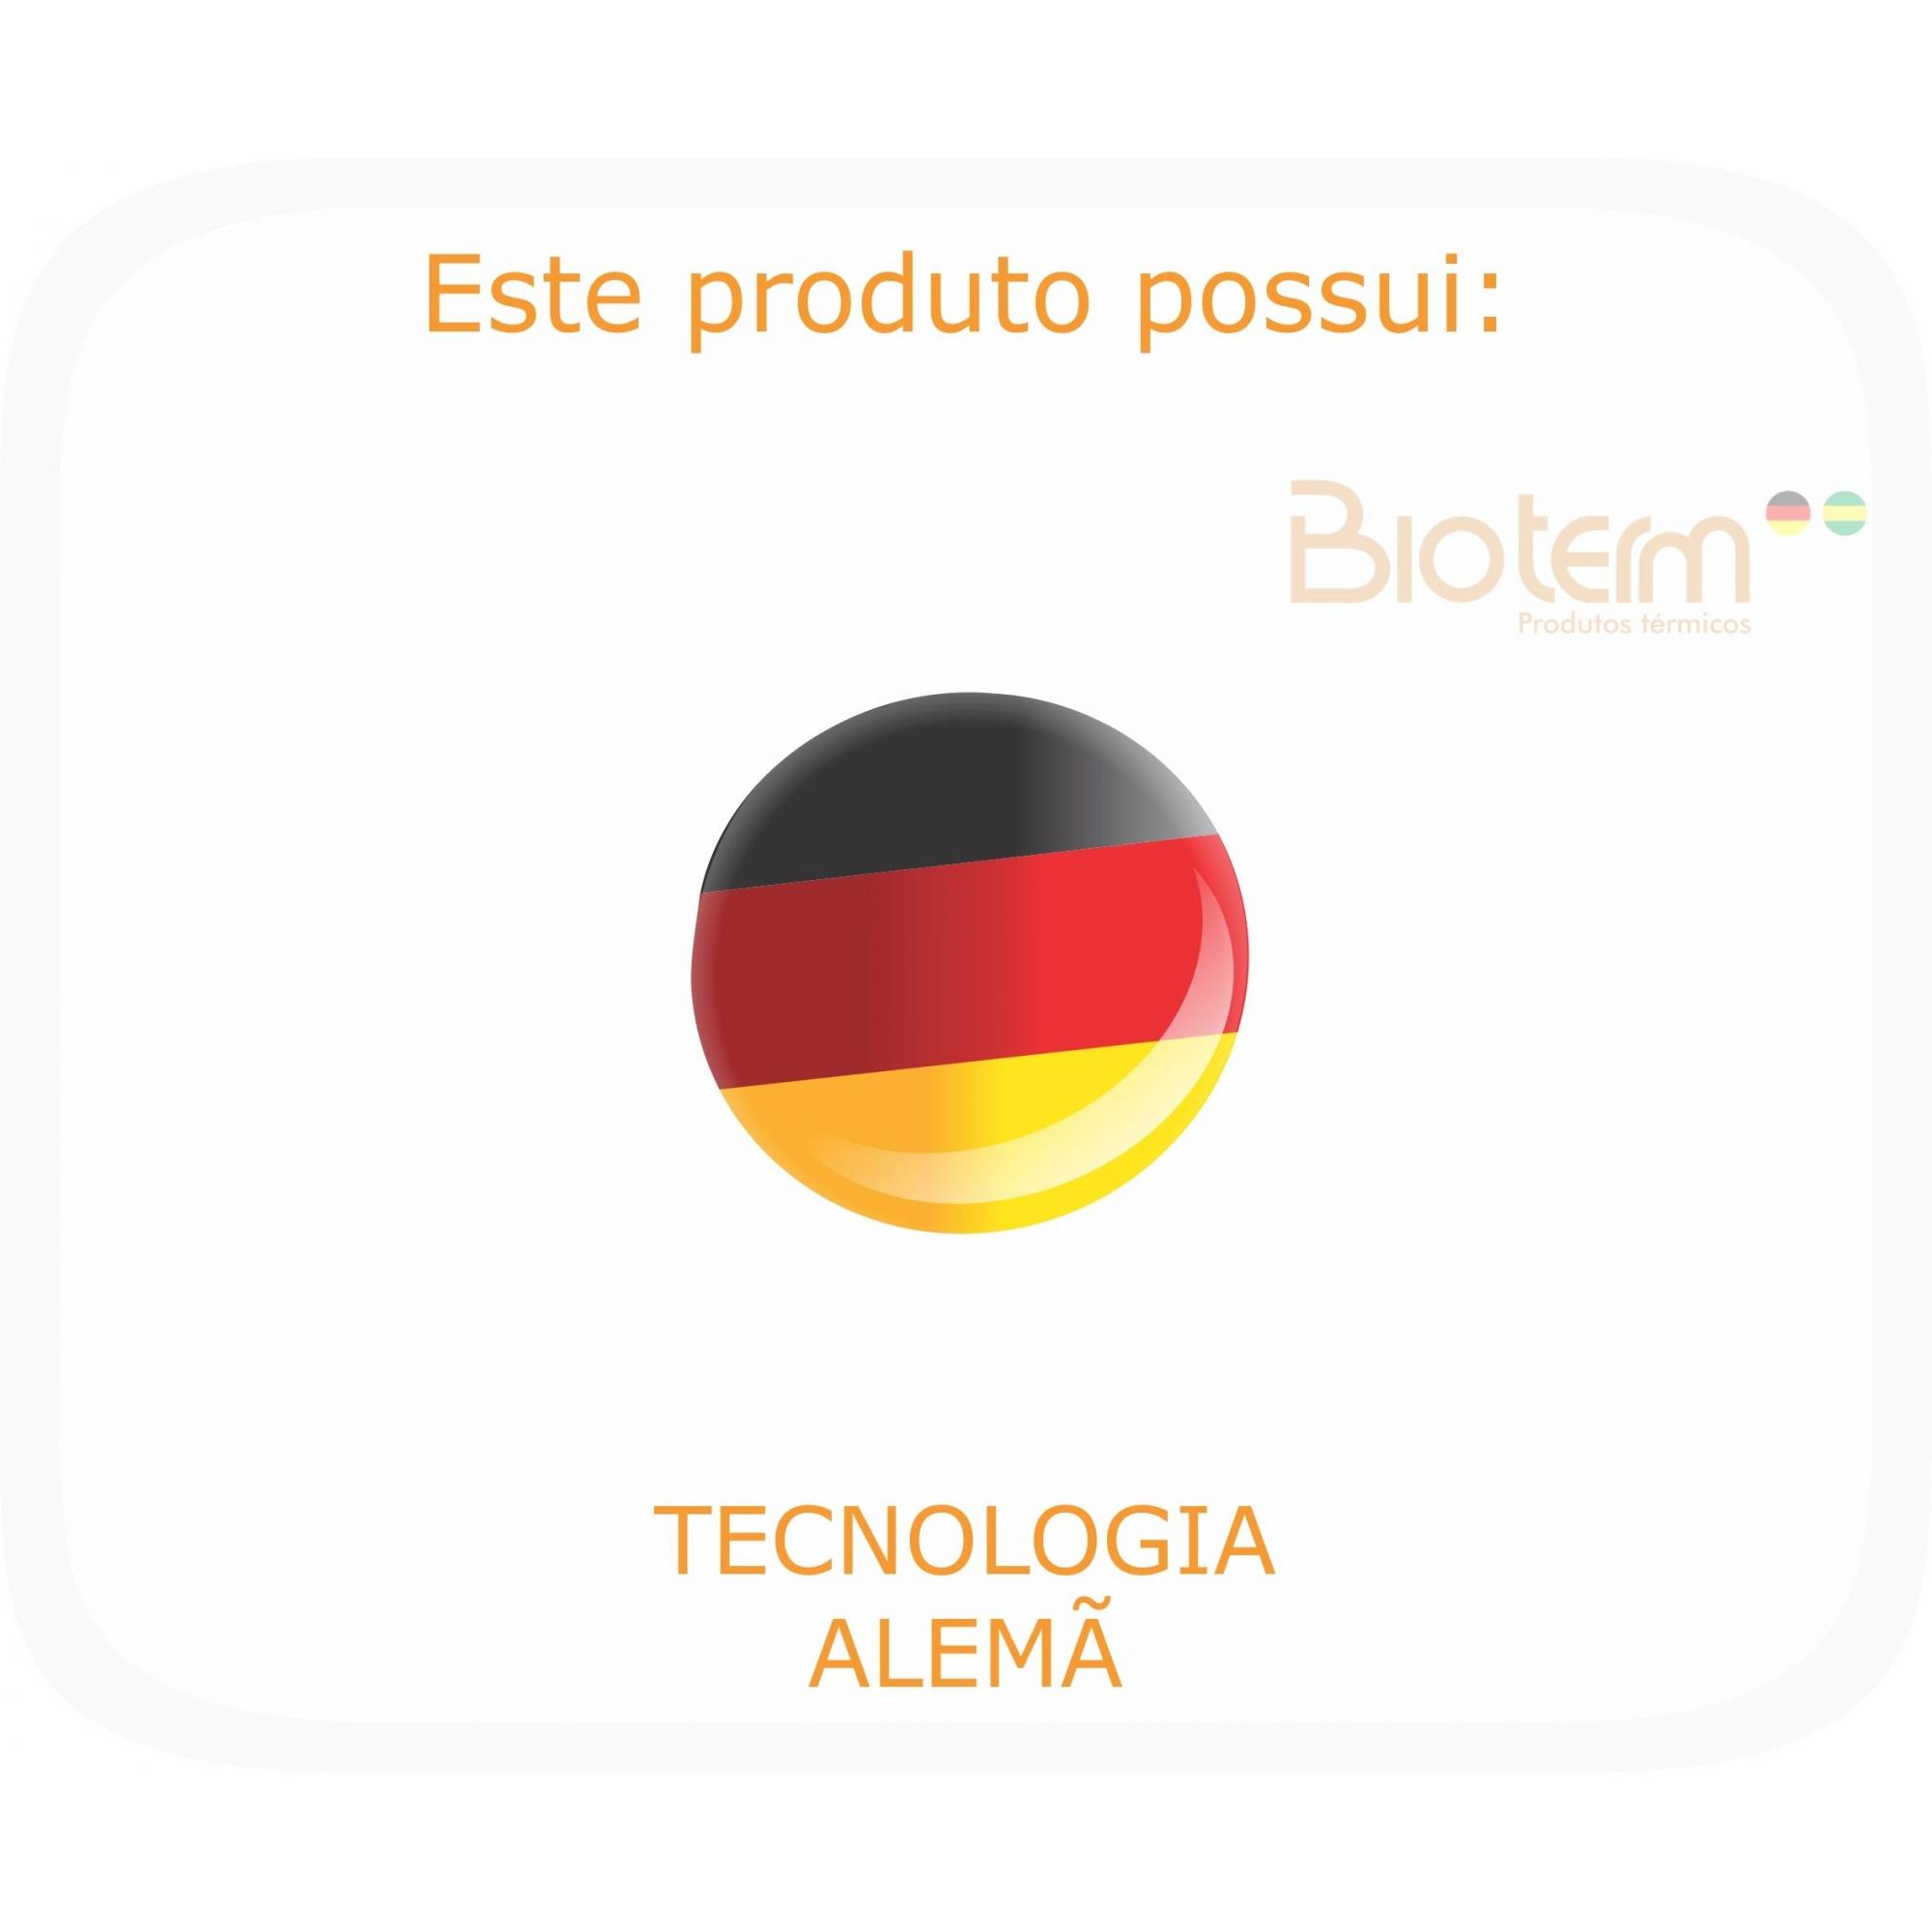 Lençol Térmico Solteiro Digital Bivolt Automático Bio Term